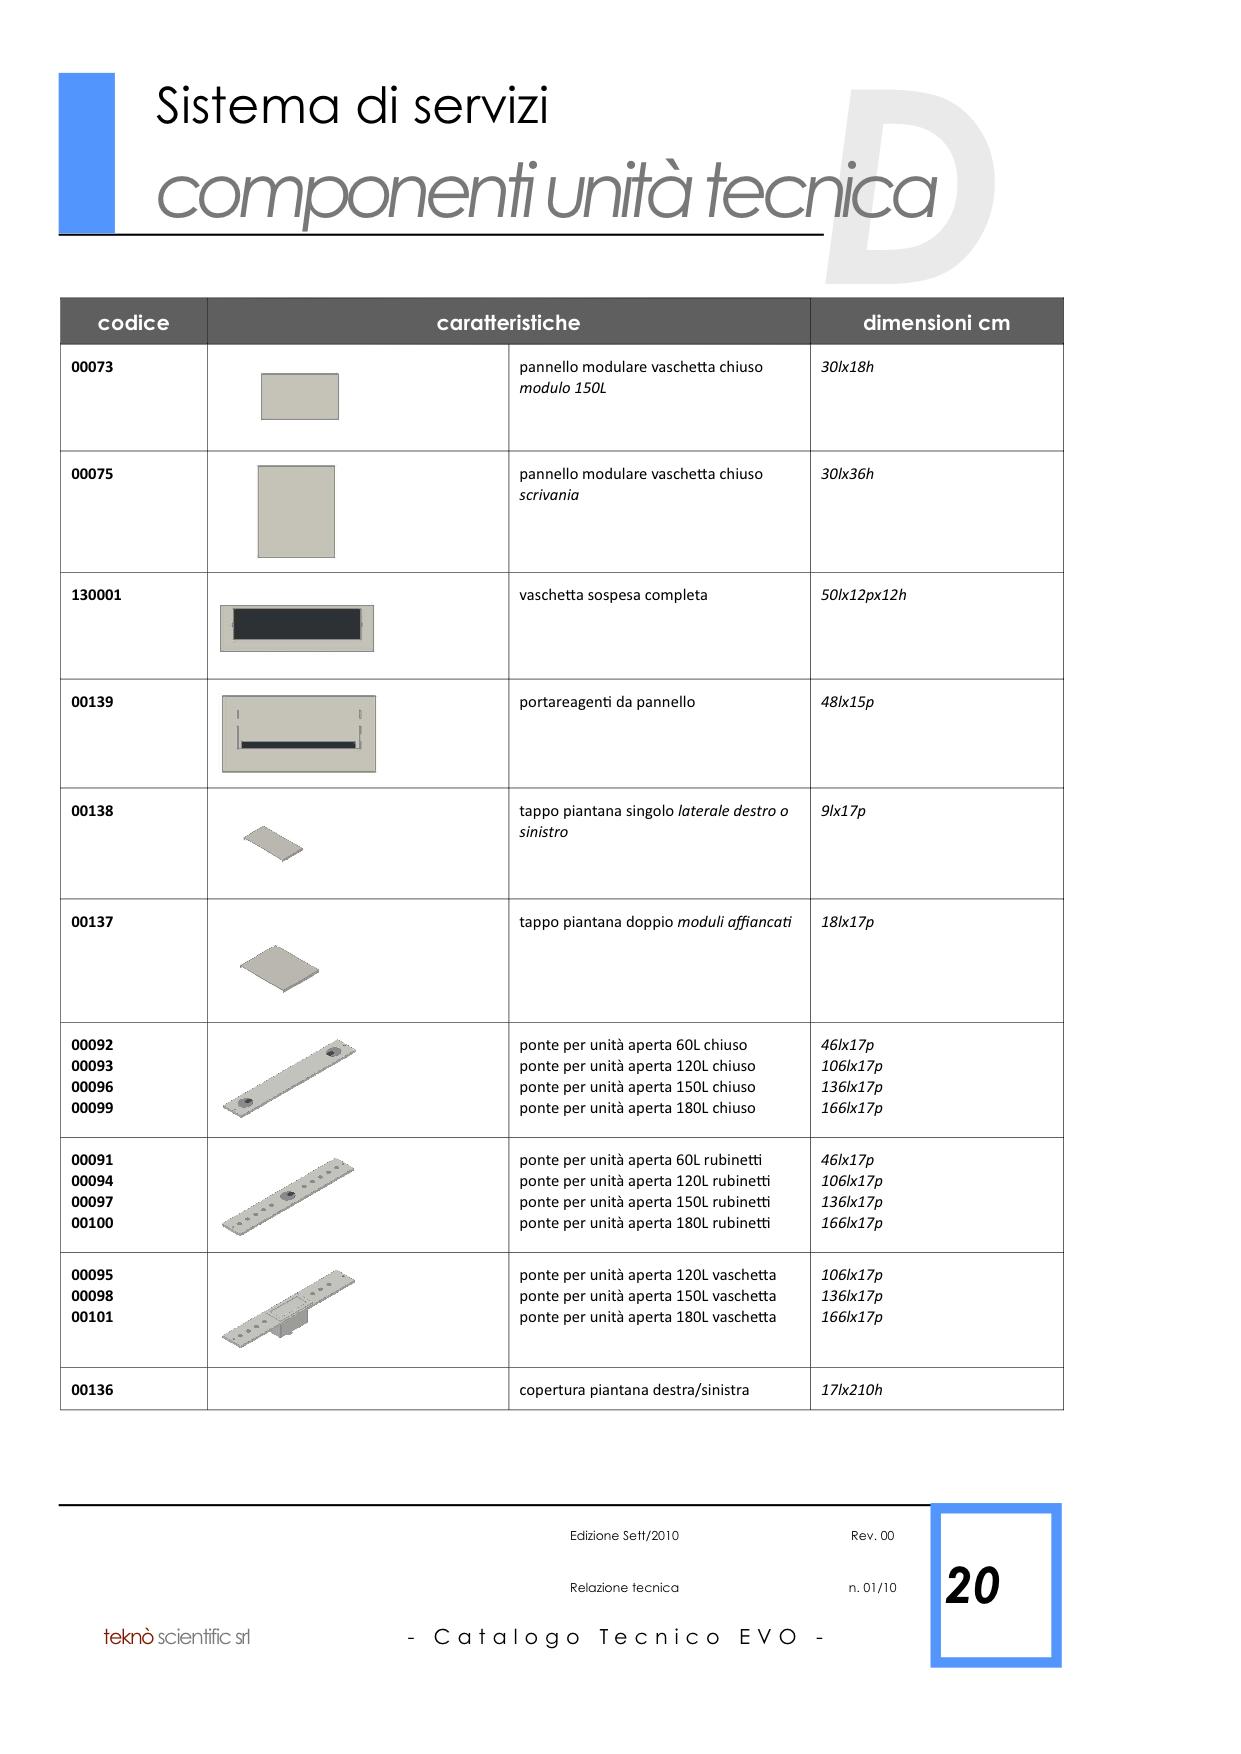 EVO Catalogo Tecnico Generale copia 20.png